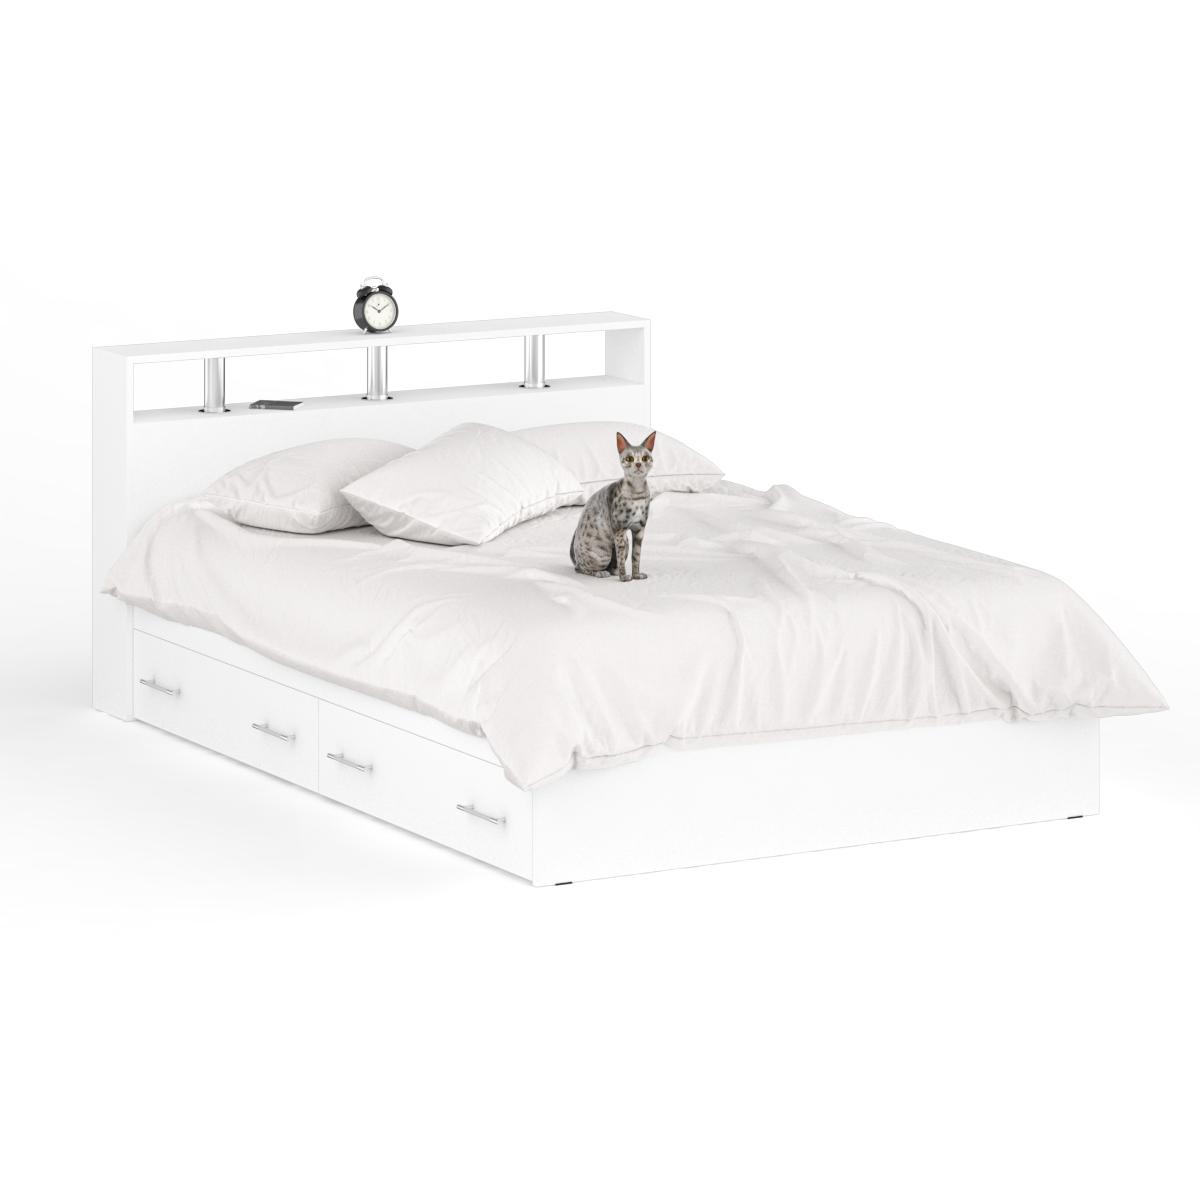 Кровать с ящиками Камелия 1400я+Осн белый, 144х204х88